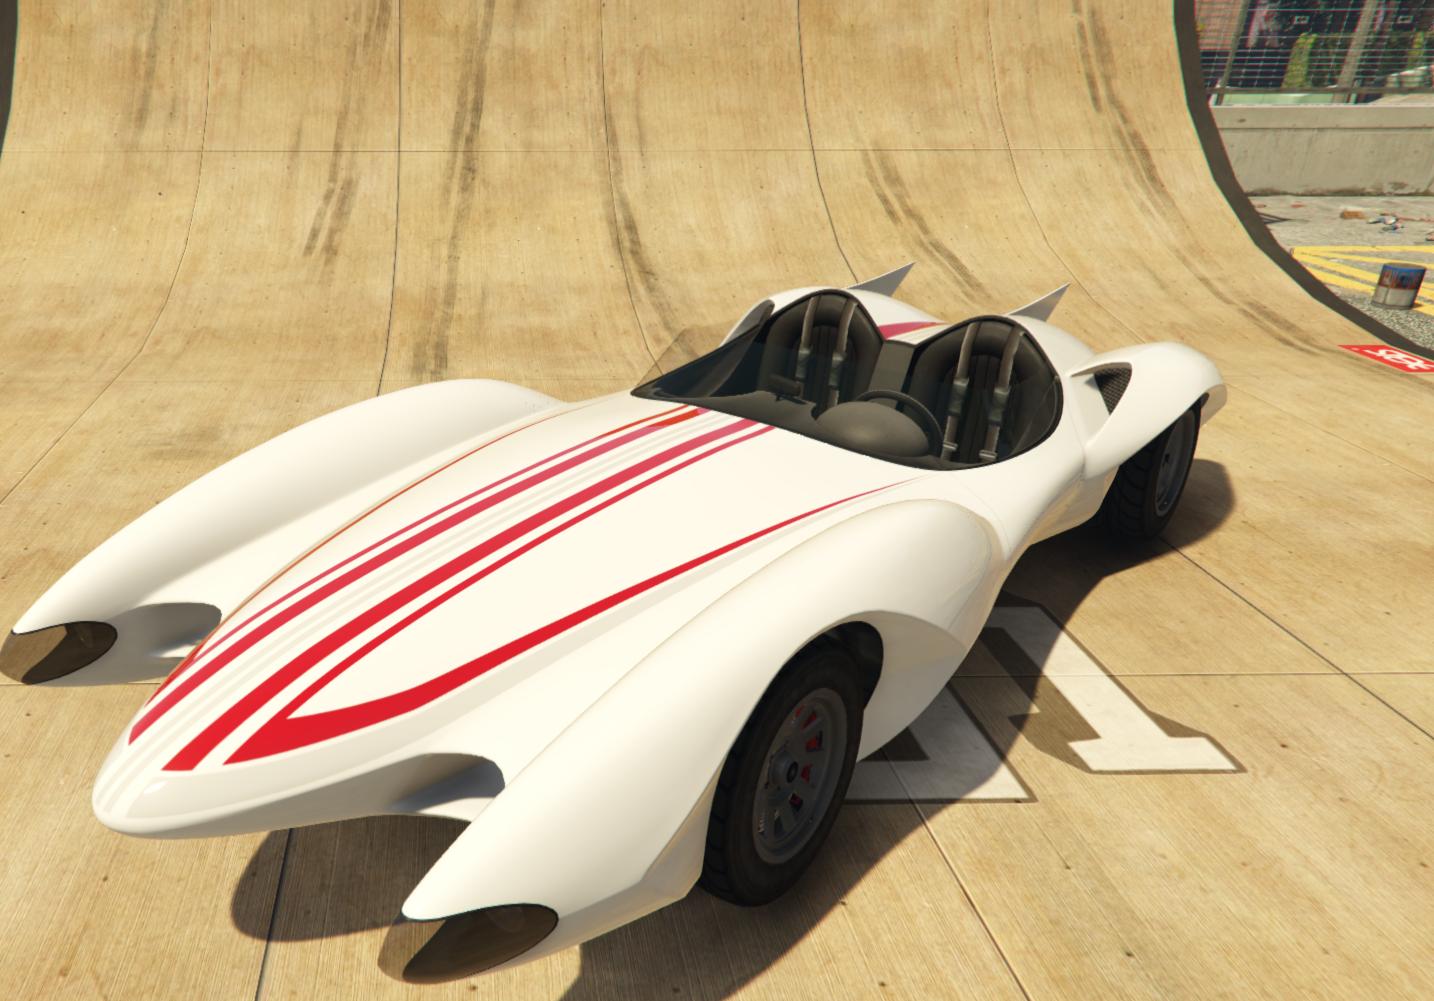 Mach 5 in GTA v